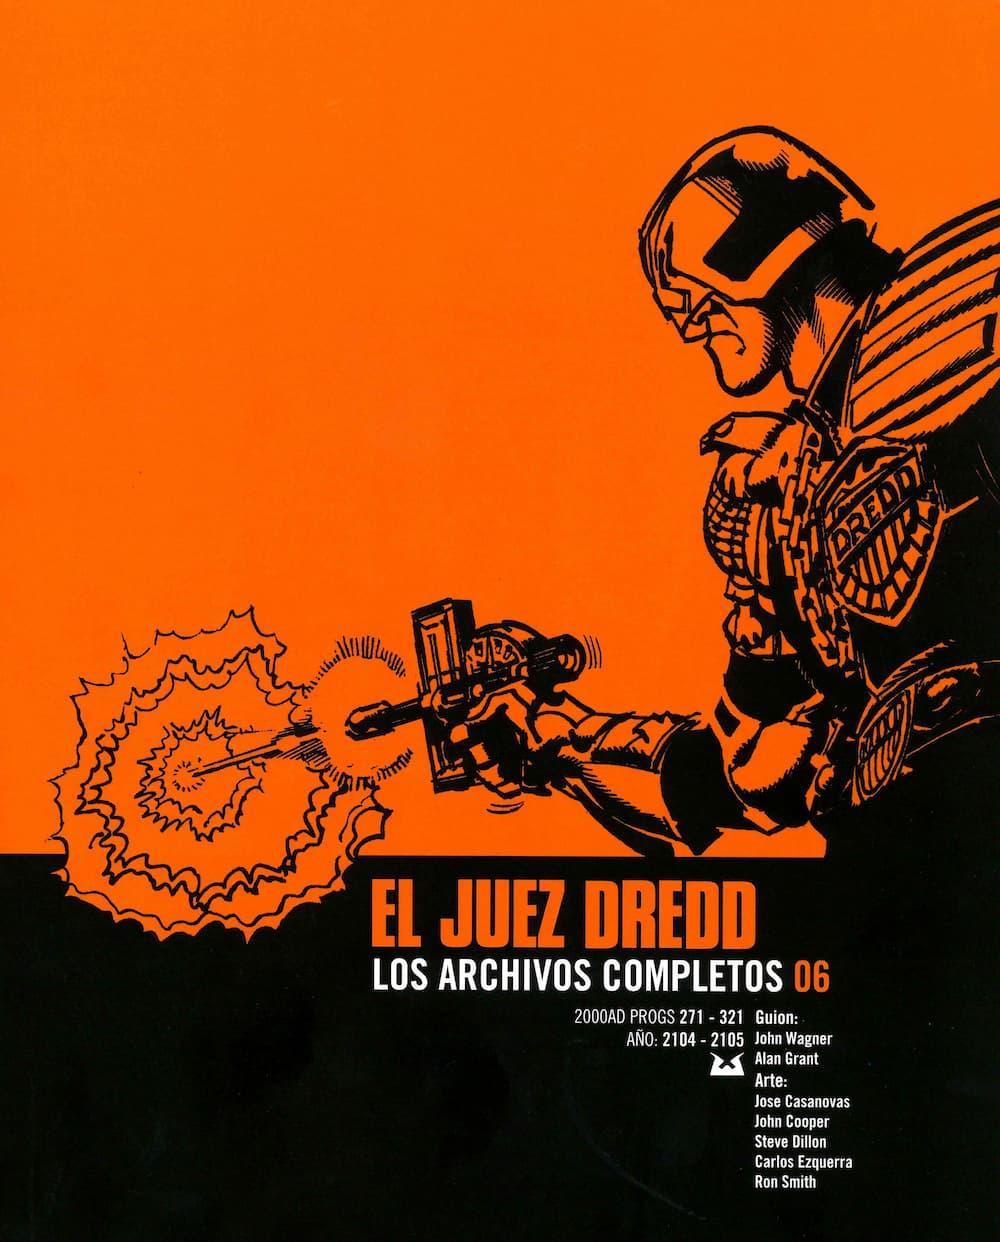 JUEZ DREDD LOS ARCHIVOS COMPLETOS 06